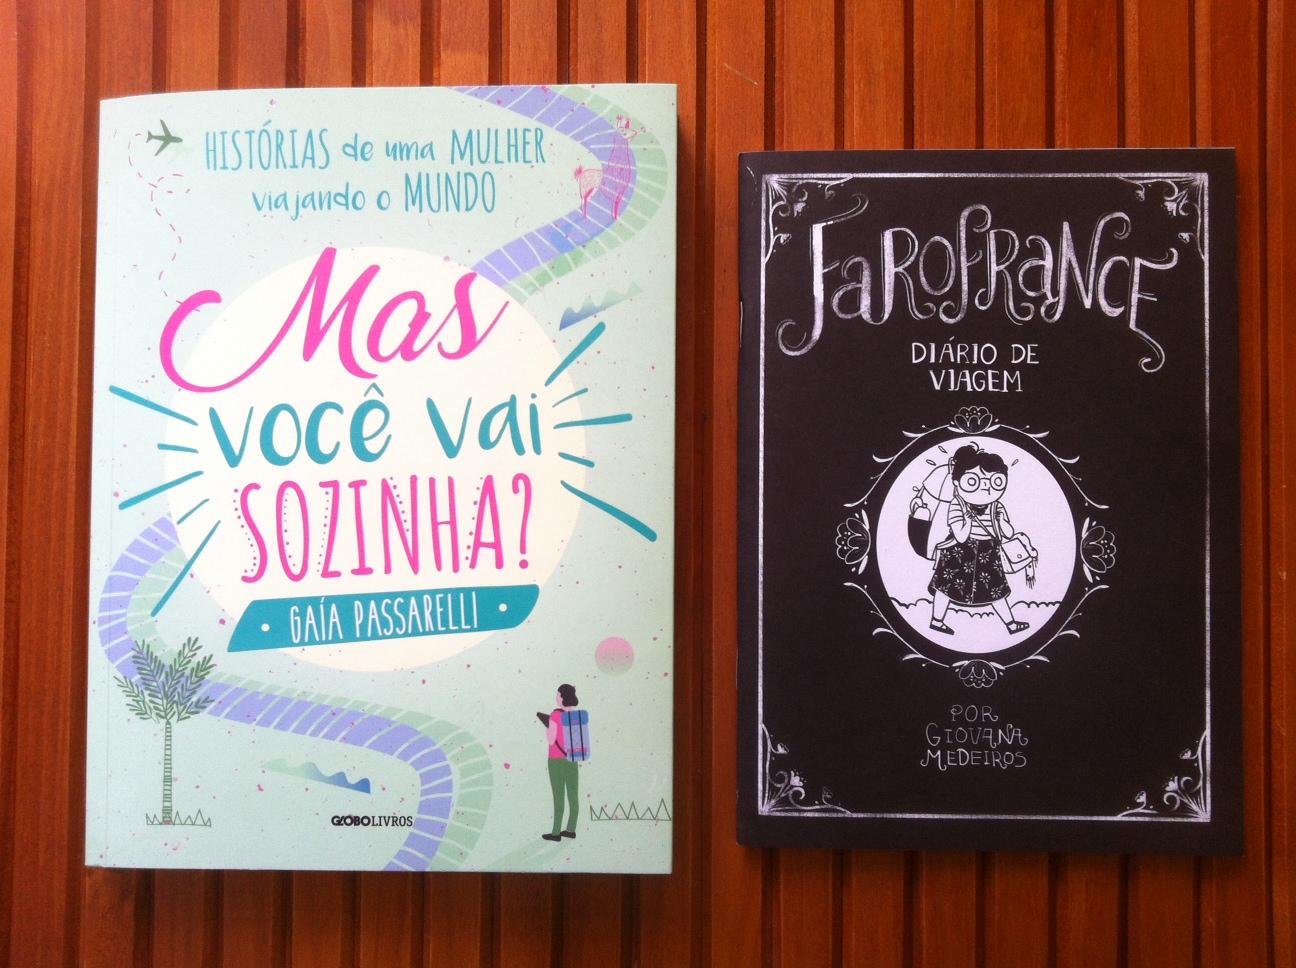 """Imagem do livro """"Mas você vai sozinha?"""" e do fanzine """"Farofrance"""""""